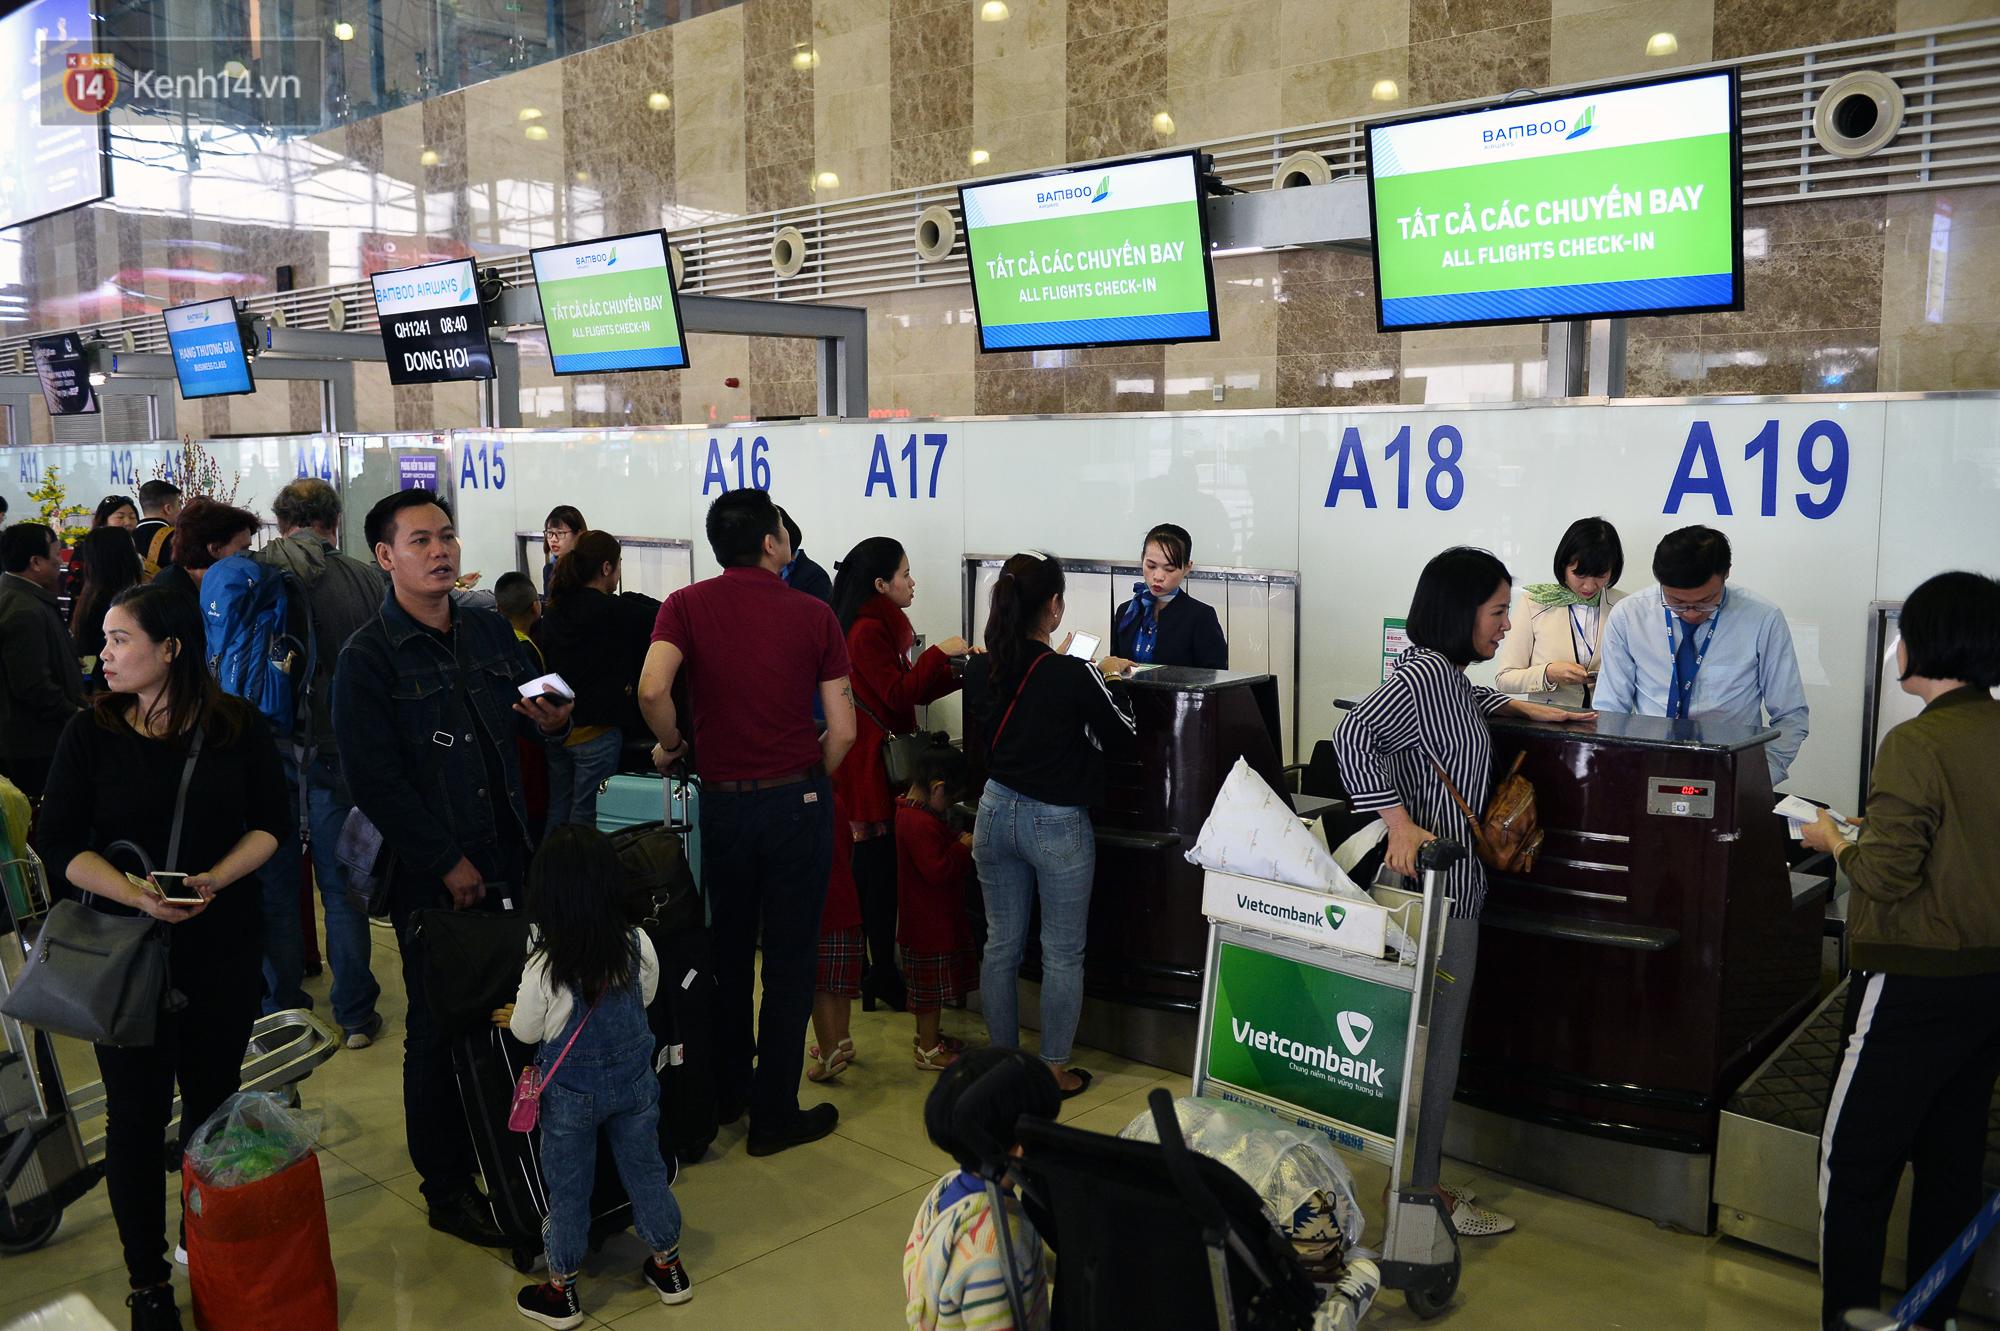 Ảnh: Sân bay Nội Bài vắng vẻ cận Tết Nguyên Đán, khác hẳn cảnh tượng đông đúc mọi năm - Ảnh 3.